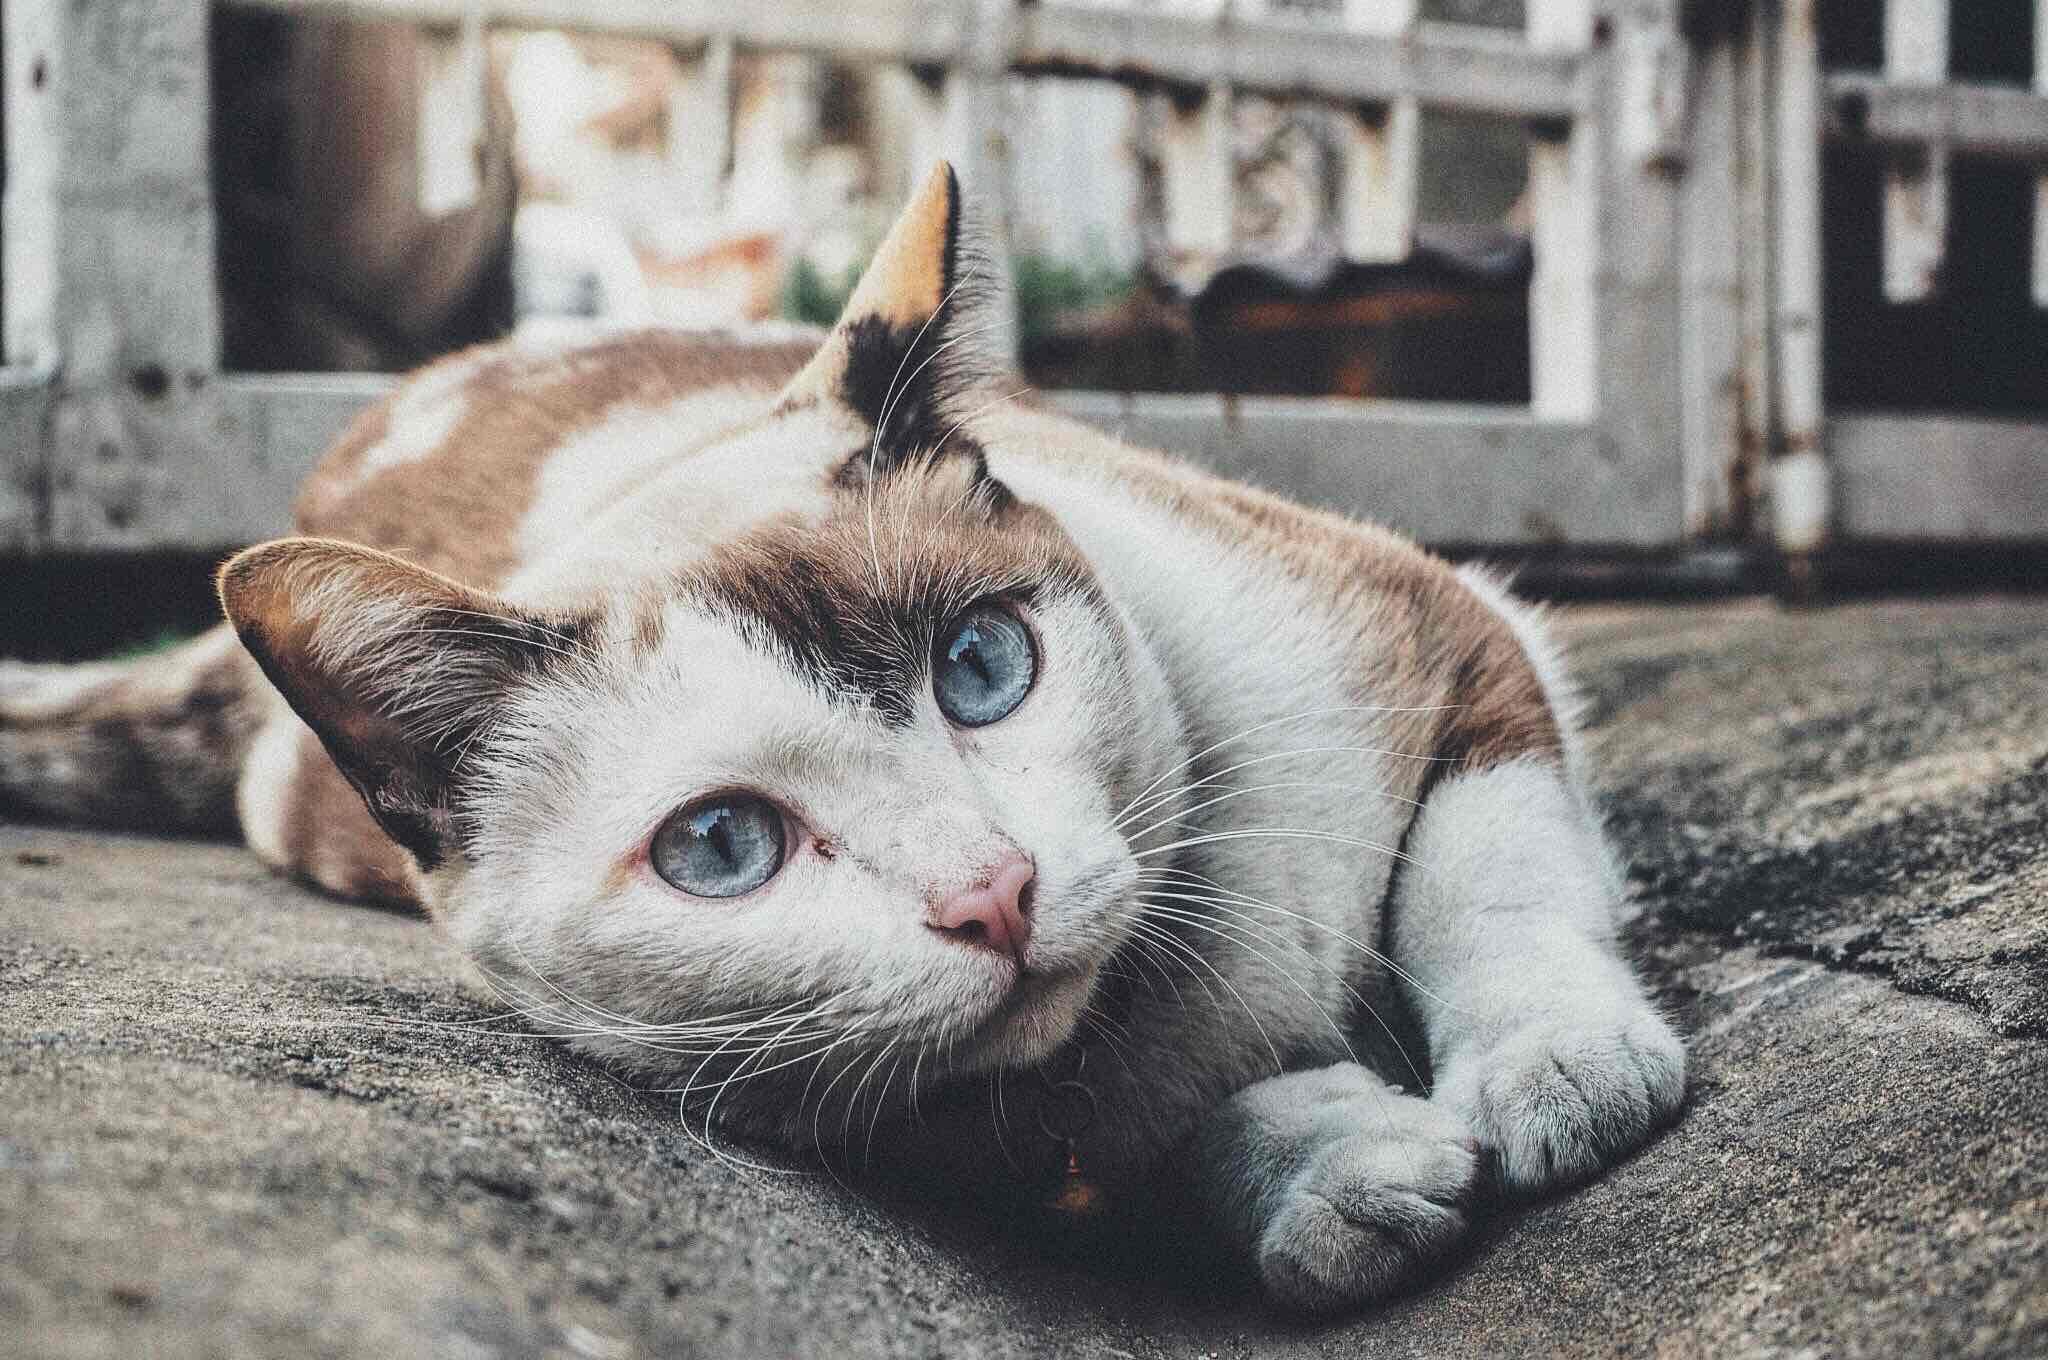 Imagenes muy lindas de gatitos2